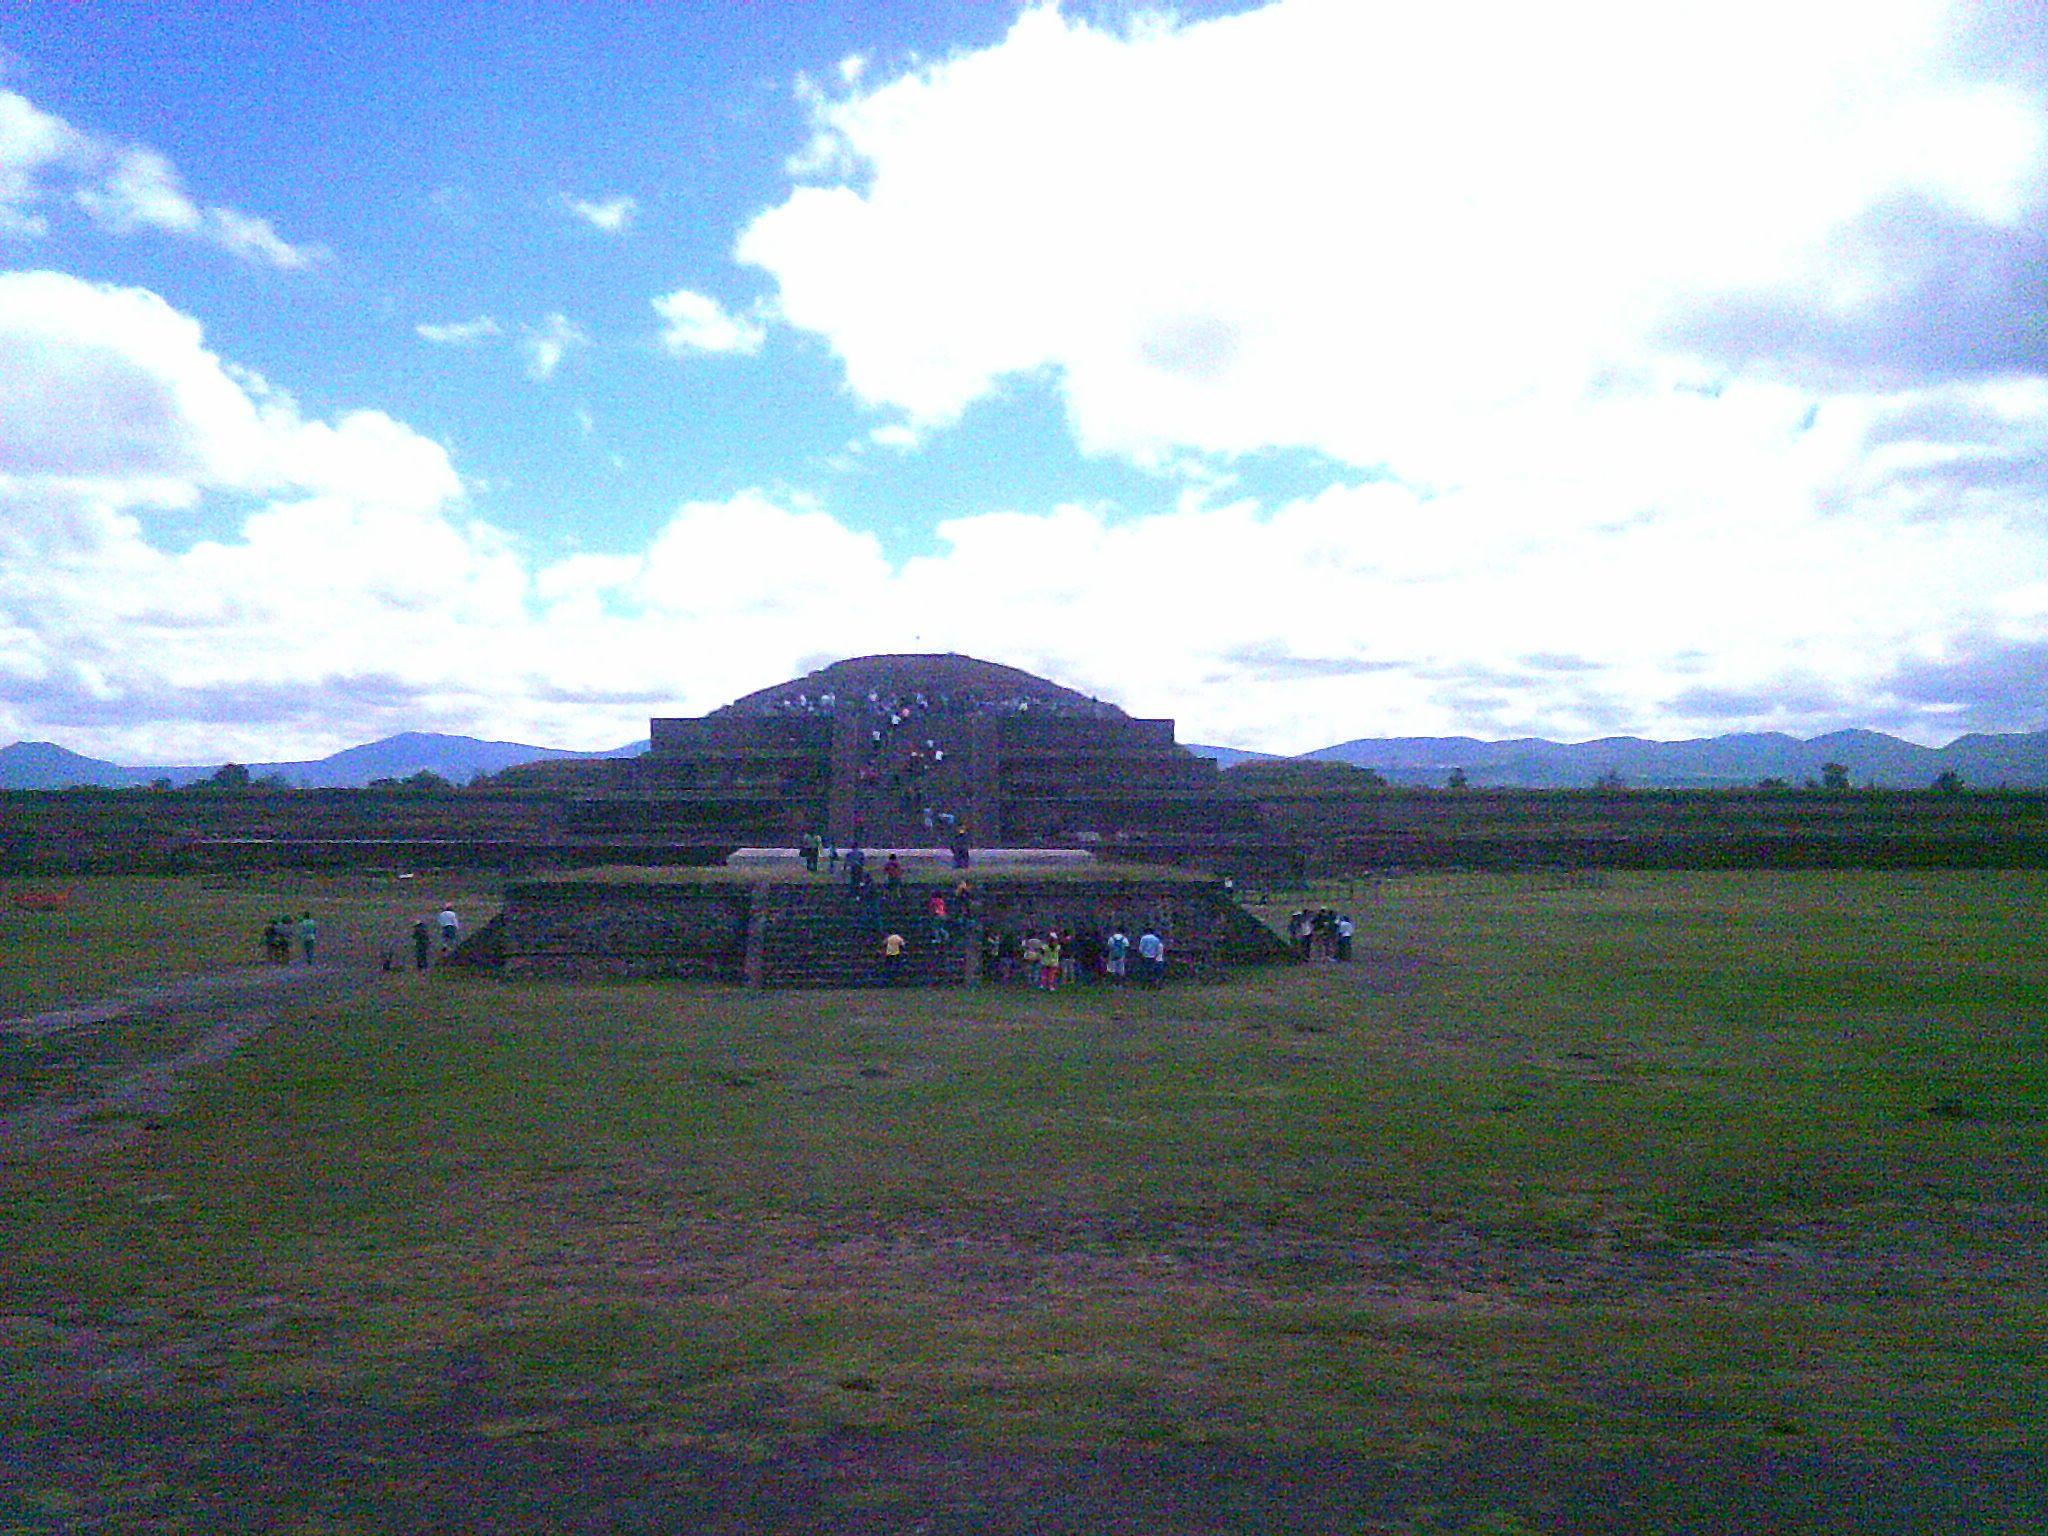 Panorámica desde abajo de la Pirámide de Quetzalcoatl